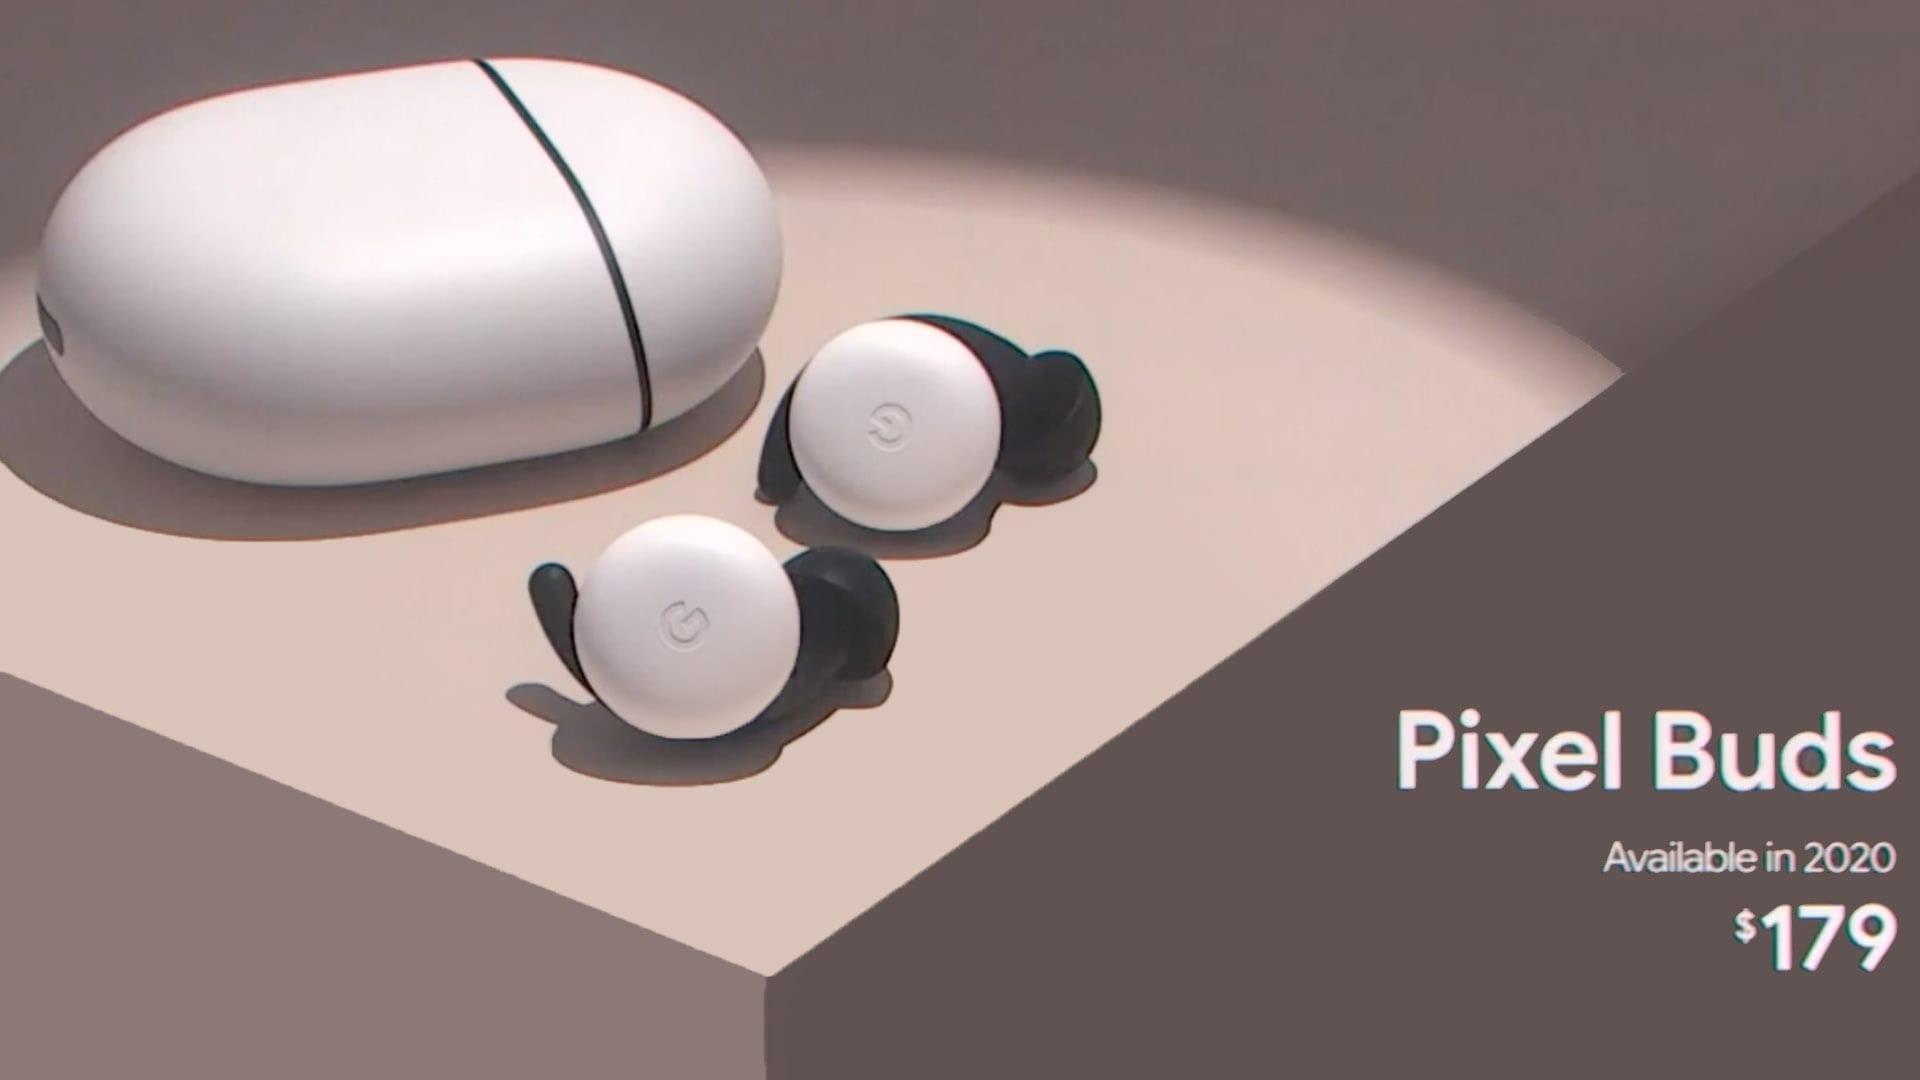 شركة Google تزيح الستار رسميًا عن الجيل الثاني من السماعات اللاسلكية Pixel Buds